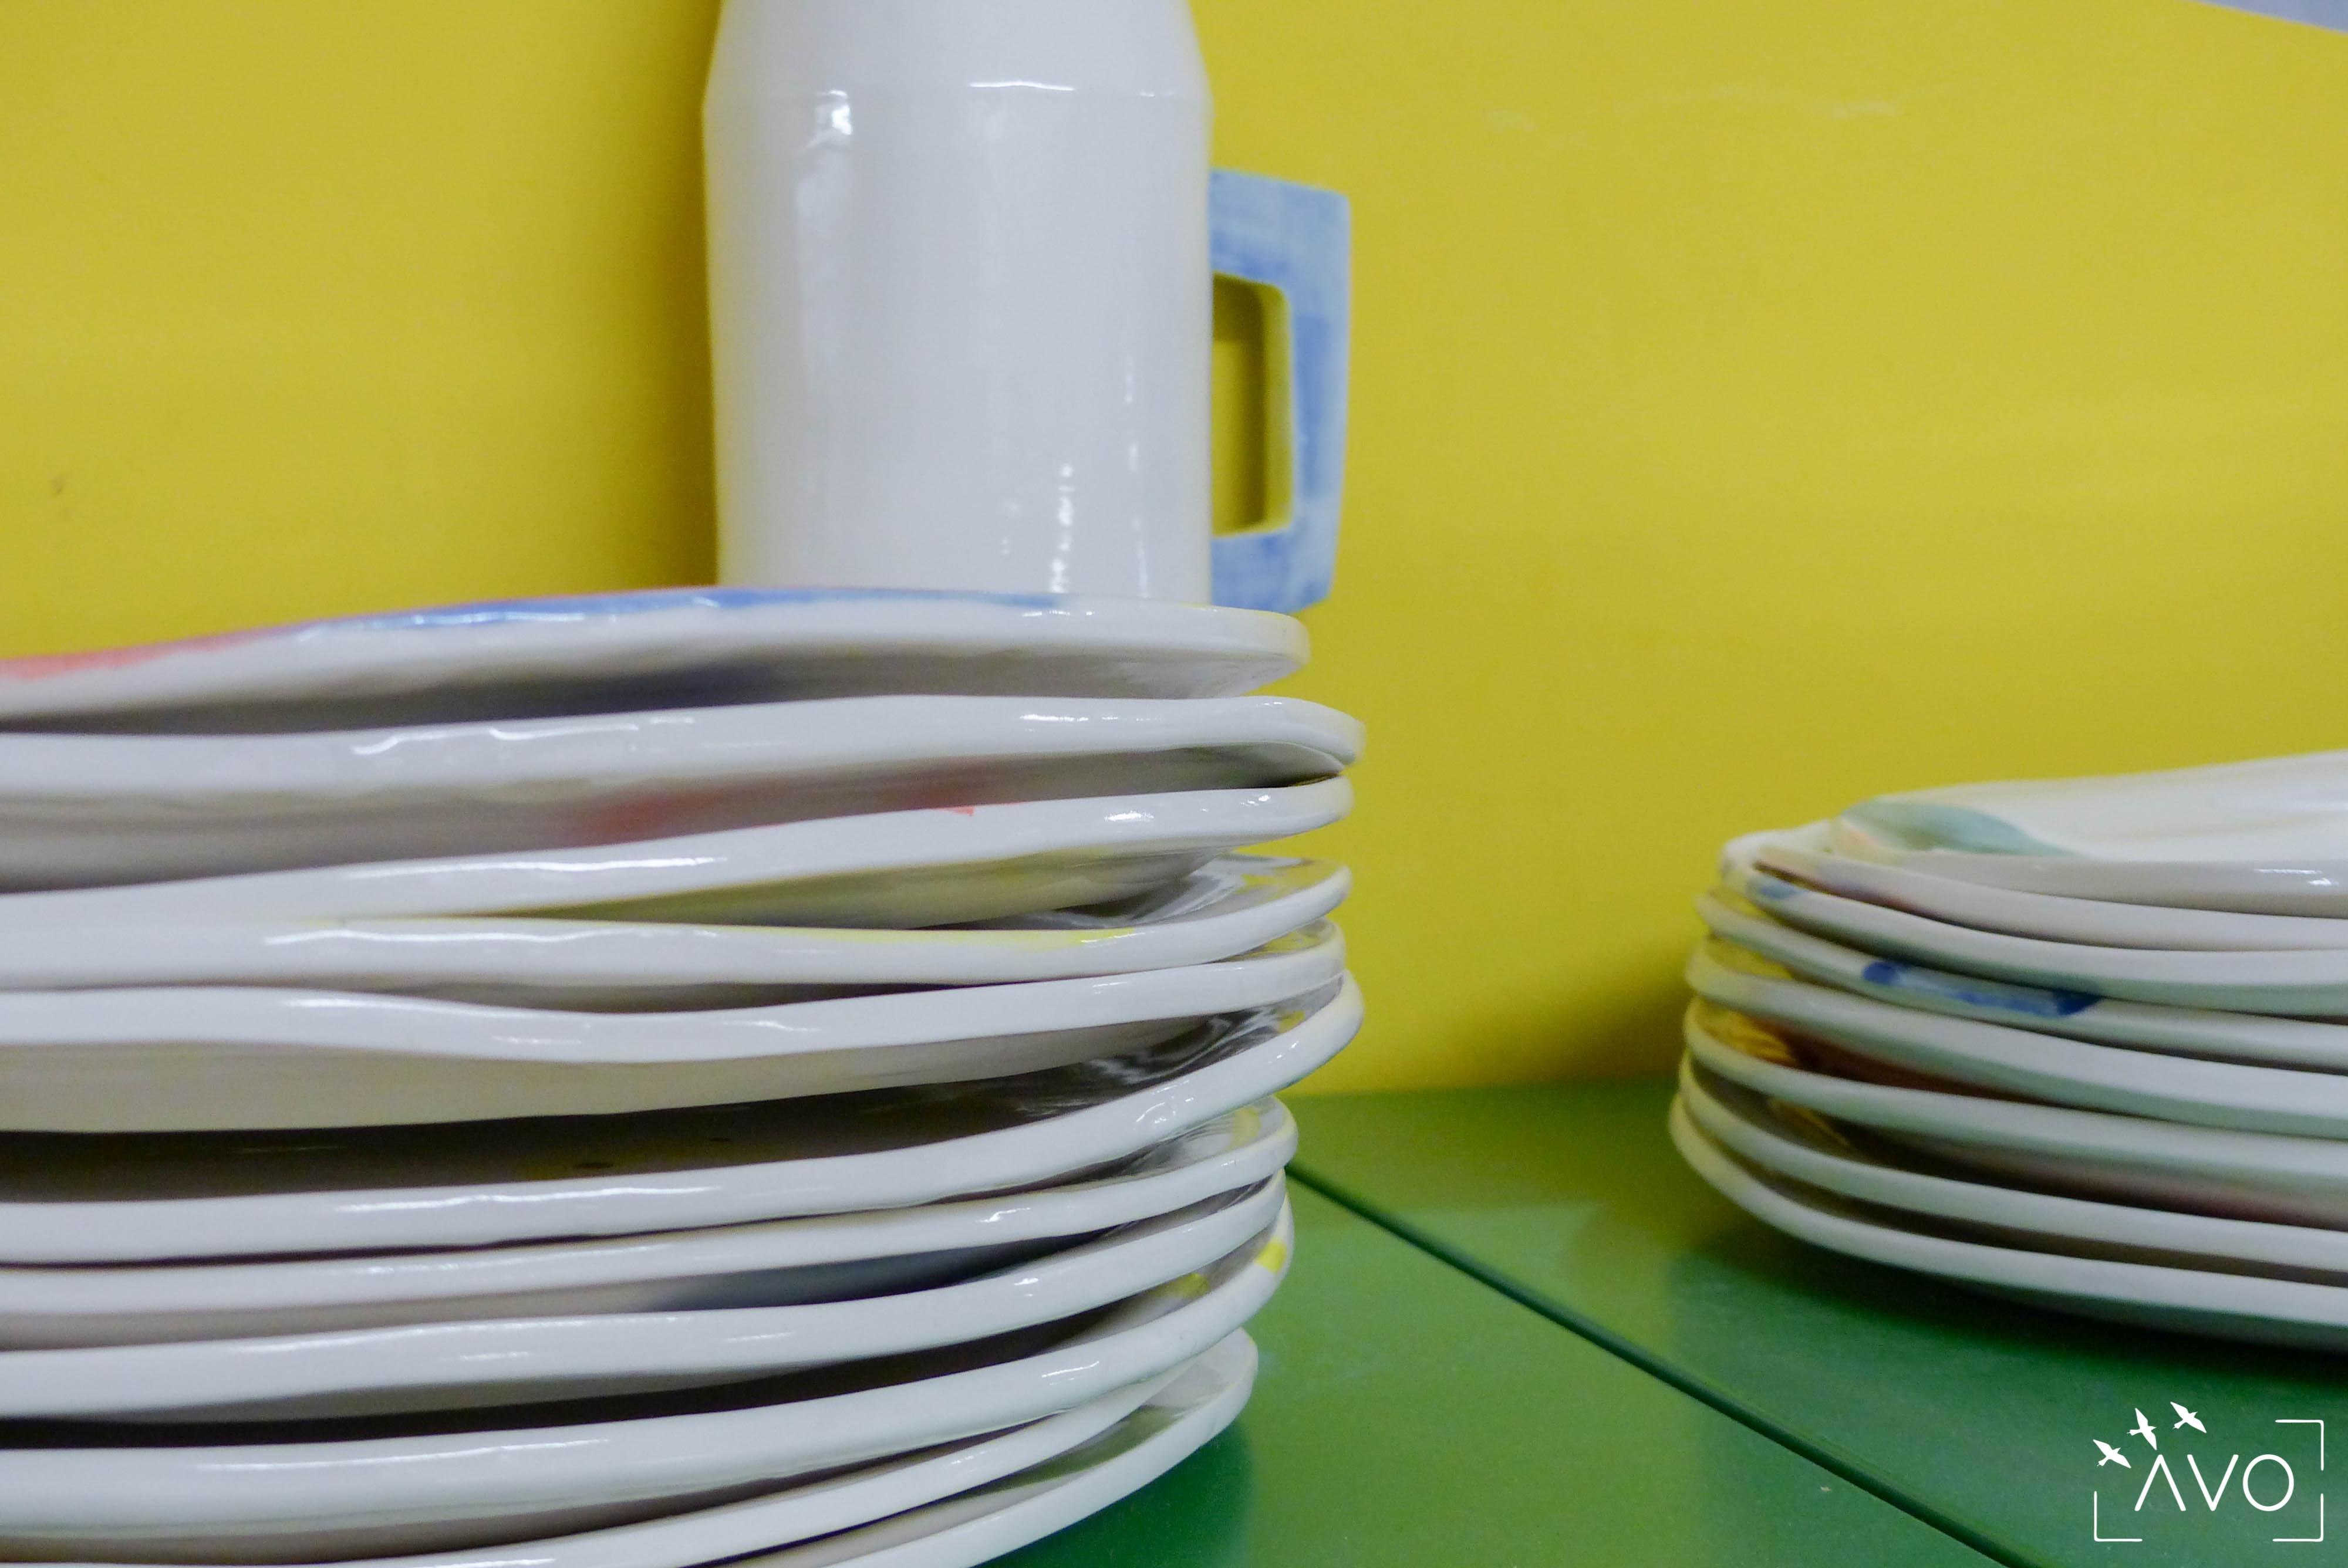 céramique tasse pois porcelaine caluire lyon abcéramique atelier blanc couleur irrégularité